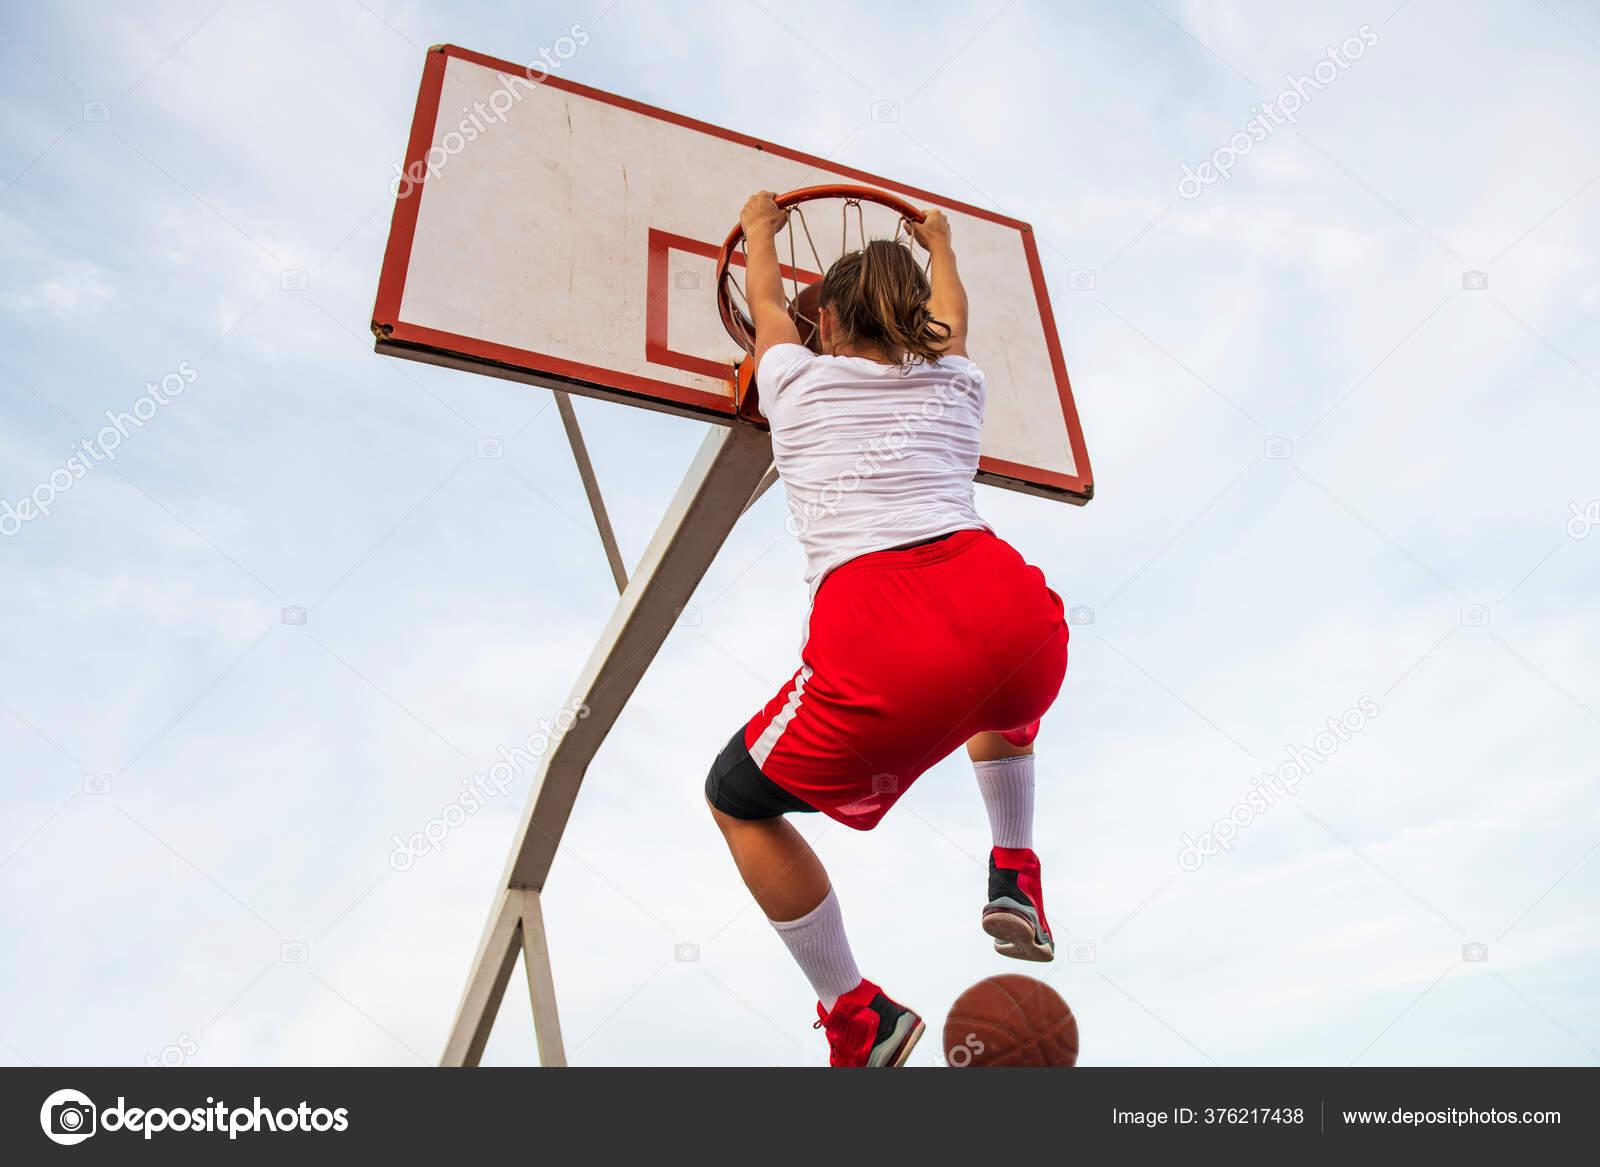 Basketballspielen